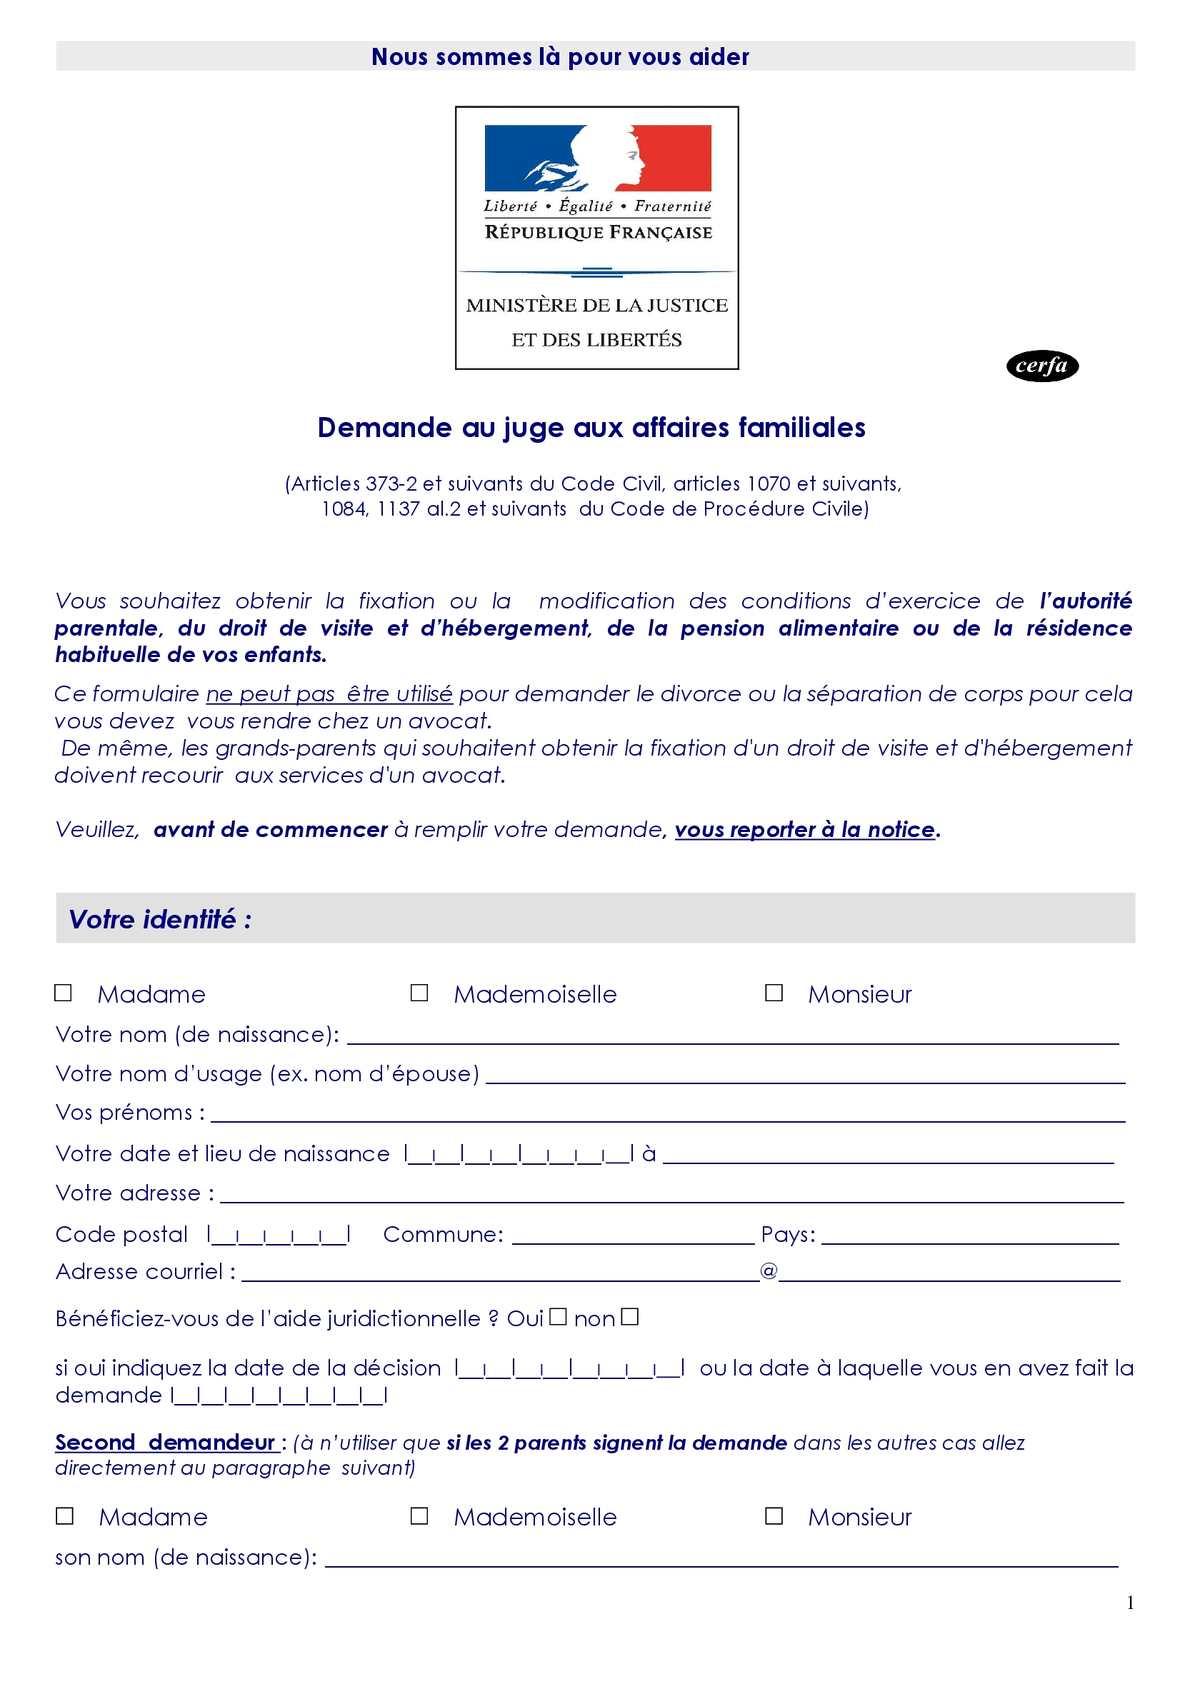 Calam o imprim type formulaire requ te saisine jaf demande au juge aux affaires familiales - Avocat commis d office pour mineur ...